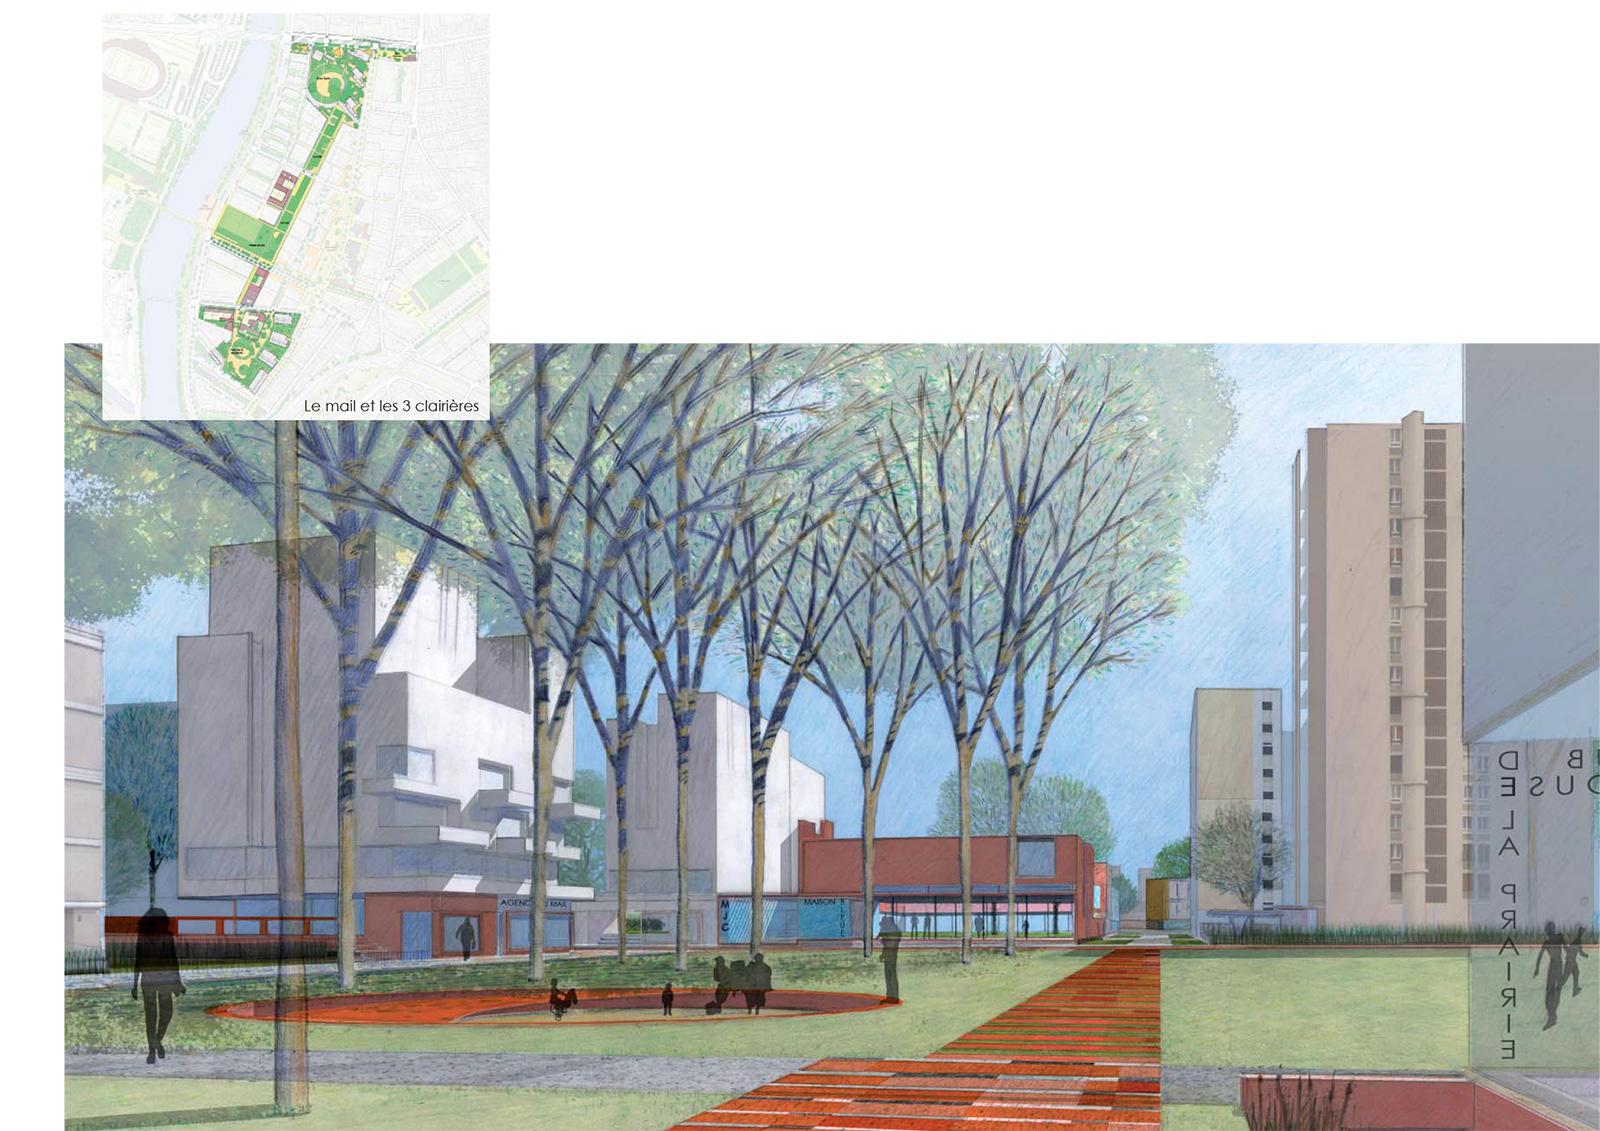 6-germe-et-jam-TOUE-toulouse-emplaot-projet-urbain---MAIL